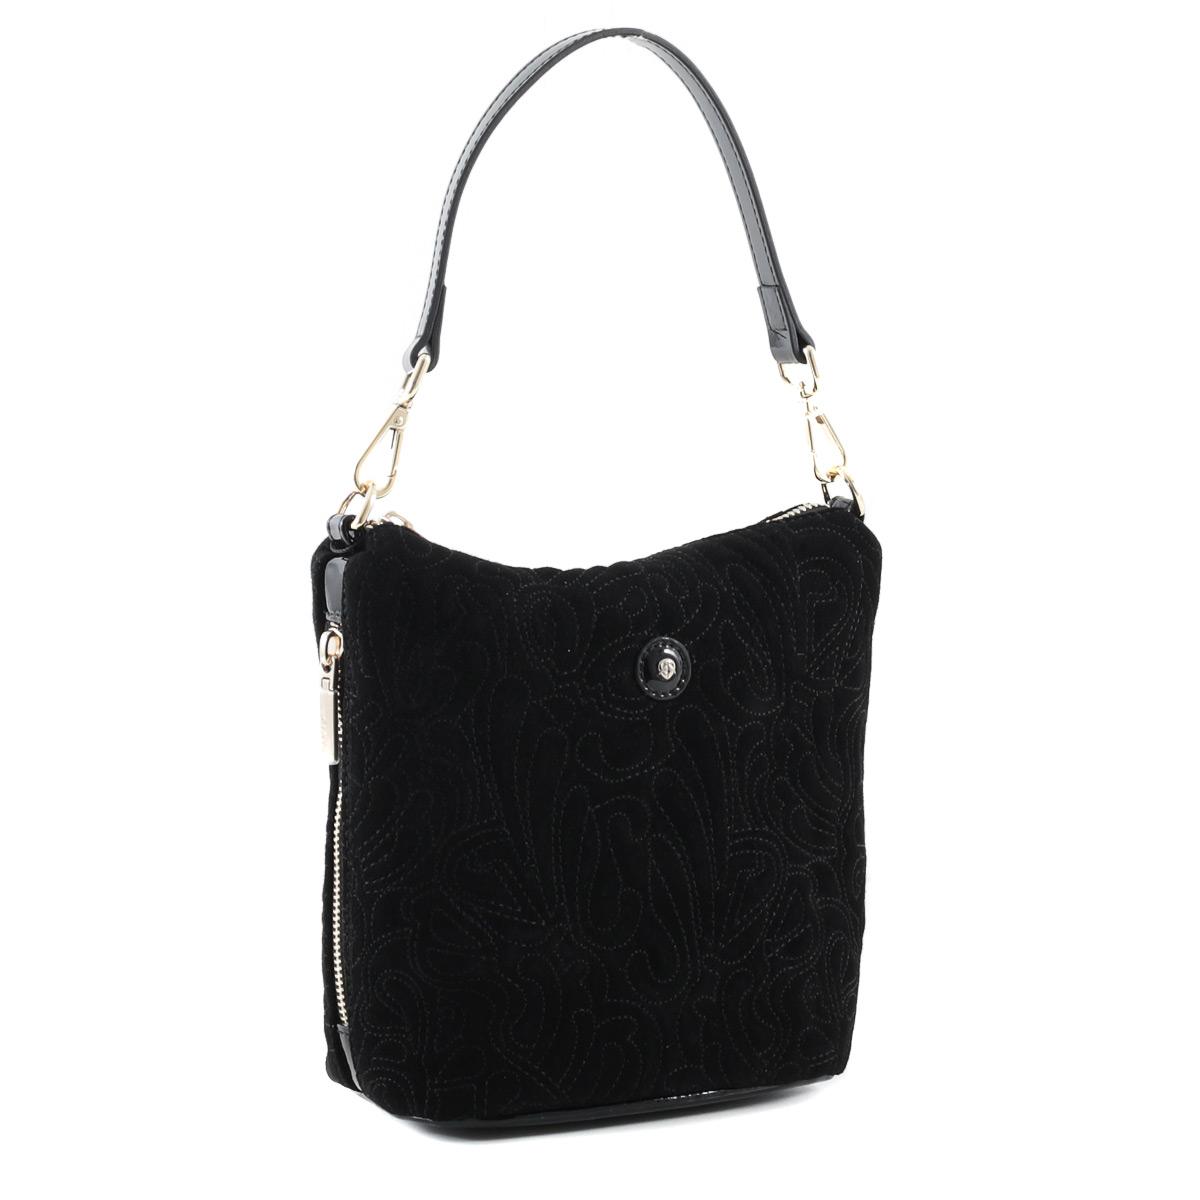 Сумка женская Fiato, цвет: черный. 3509035090_черныйЭлегантная женская сумка Fiato, выполненная из натуральной замши и натуральной лакированной кожи, оформлена декоративной прострочкой. Изделие имеет одно отделение, закрывающееся на застежку-молнию. Внутри имеется прорезной карман на застежке-молнии и два накладных открытых кармана. Снаружи, по бокам расположены прорезные карманы на застежках-молниях. Сумка оснащена одной съемной ручкой. В комплект входит съемный плечевой ремень регулируемой длины. Сумка упакована в фирменный чехол. Дизайн сумки, сочетающий классические формы с оригинальным оформлением, позволит вам подчеркнуть свою индивидуальность и сделает ваш образ изысканным и завершенным.